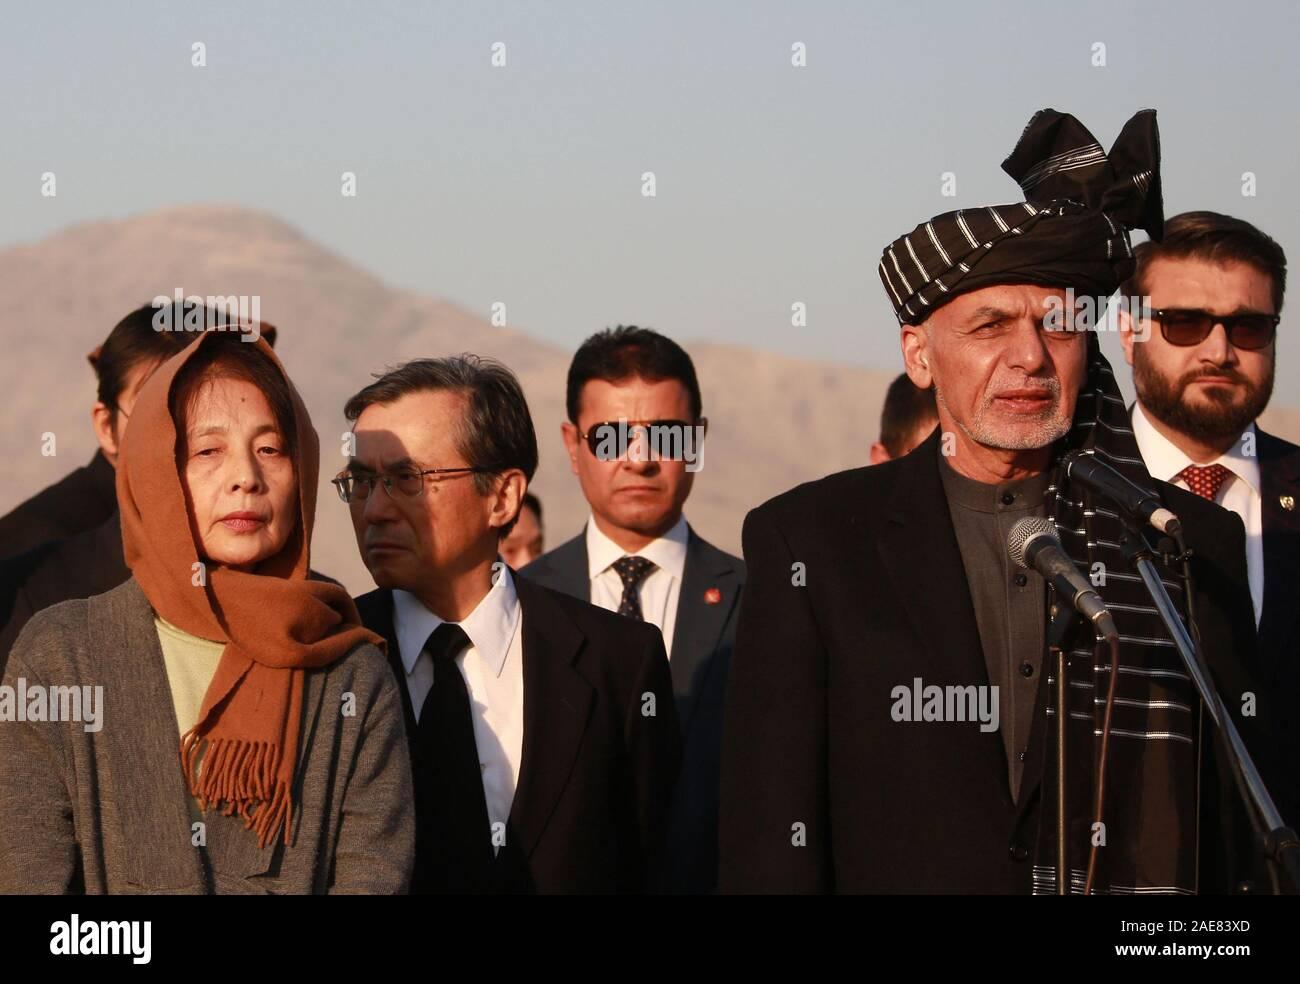 Kaboul, Afghanistan. 7 Décembre, 2019. Le président afghan, Mohammad Ashraf Ghani (R en face) parle au cours d'une cérémonie de rapatriement du reste des morts travailleur de l'aide japonaise Tetsu Nakamura à Hamid Karzia Aéroport International de Kaboul, Afghanistan, 7 décembre 2019 . Rahmatullah Crédit: Alizadah/Xinhua/Alamy Live News Banque D'Images